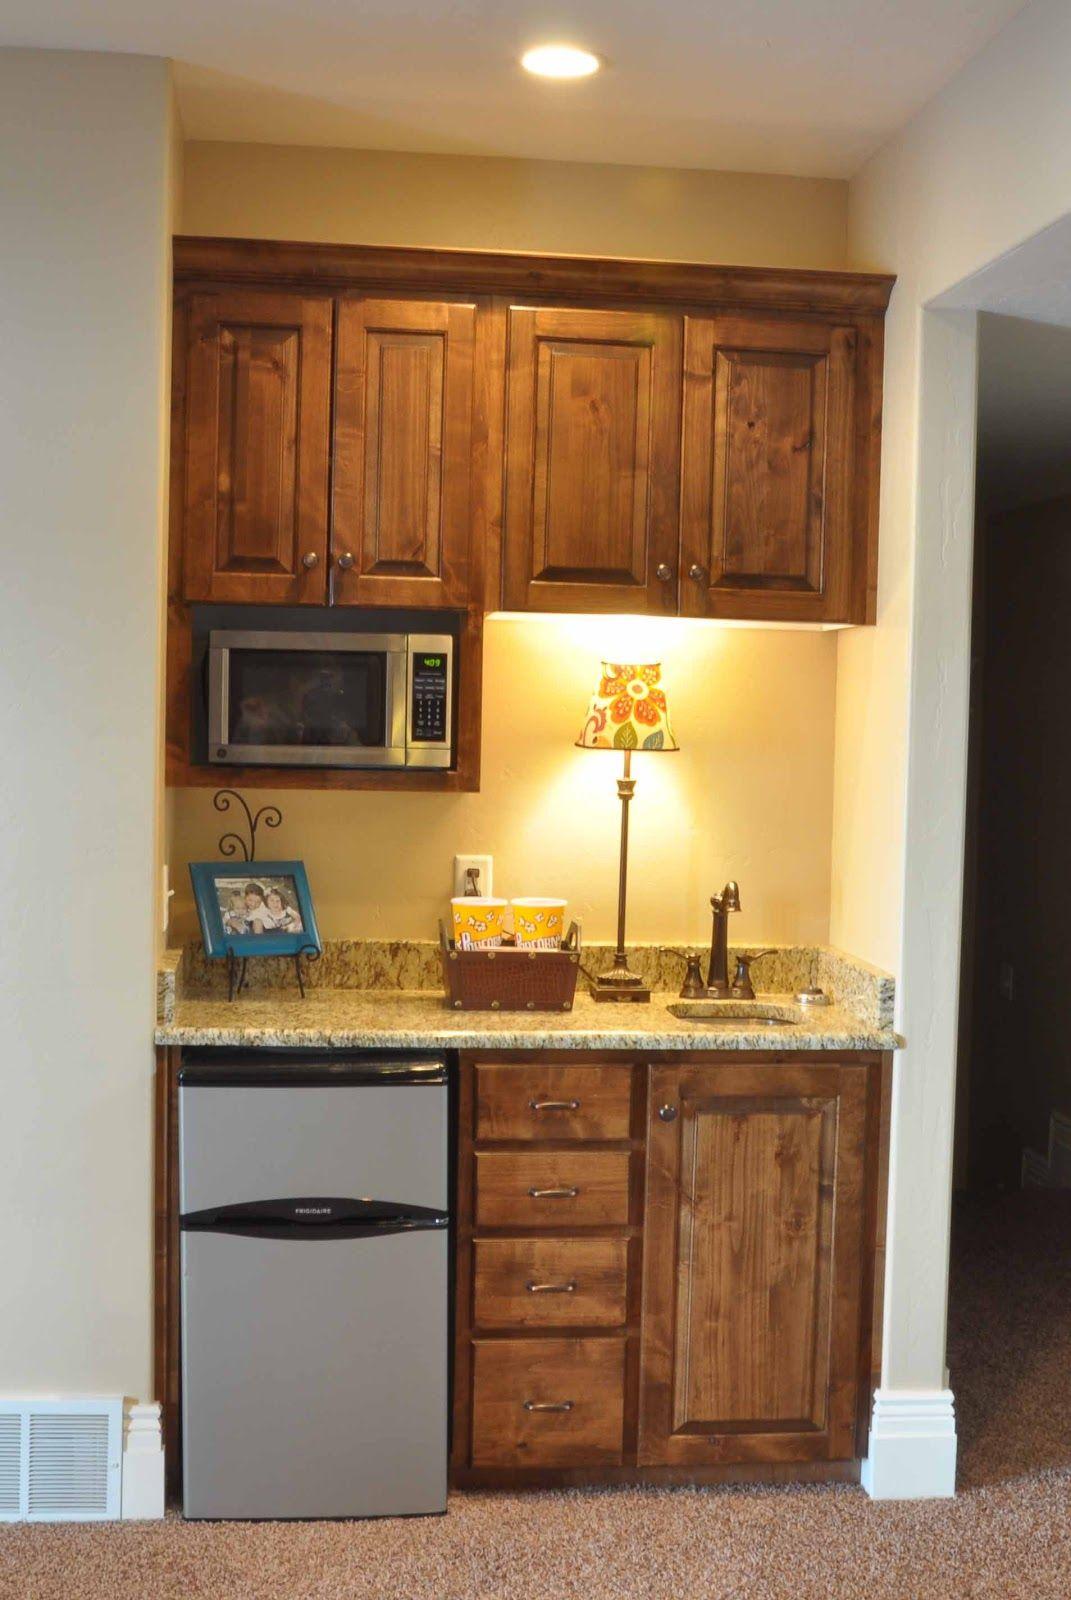 723 Smithfield: BASEMENT FAMILY ROOM & BATHROOM | kuhinja ...